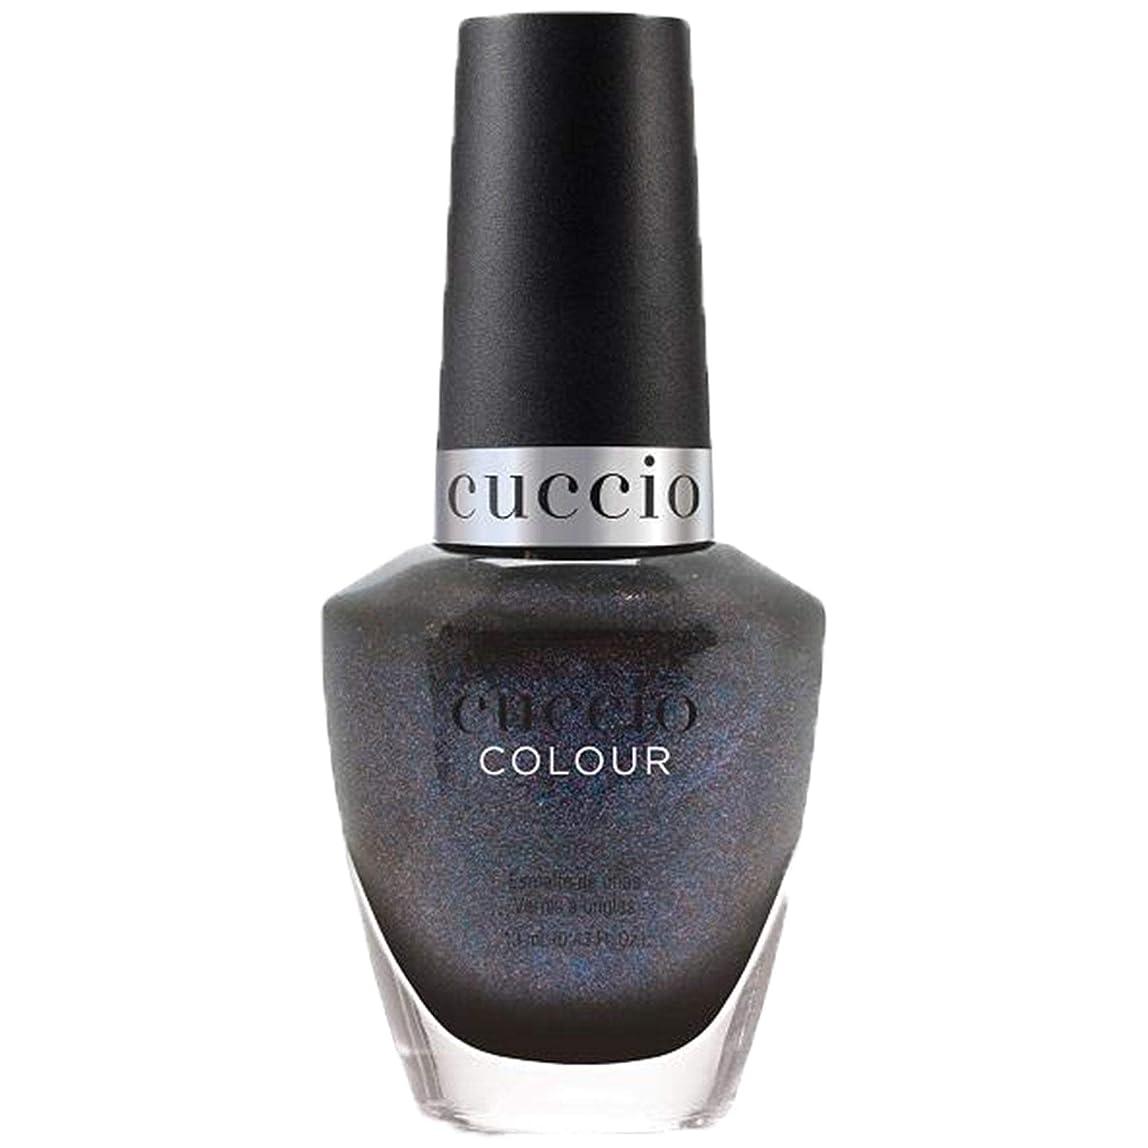 ワードローブアカデミーアレルギー性Cuccio Colour Nail Lacquer - Tapestry Collection - Cover Me Up! - 13 mL / 0.43 oz